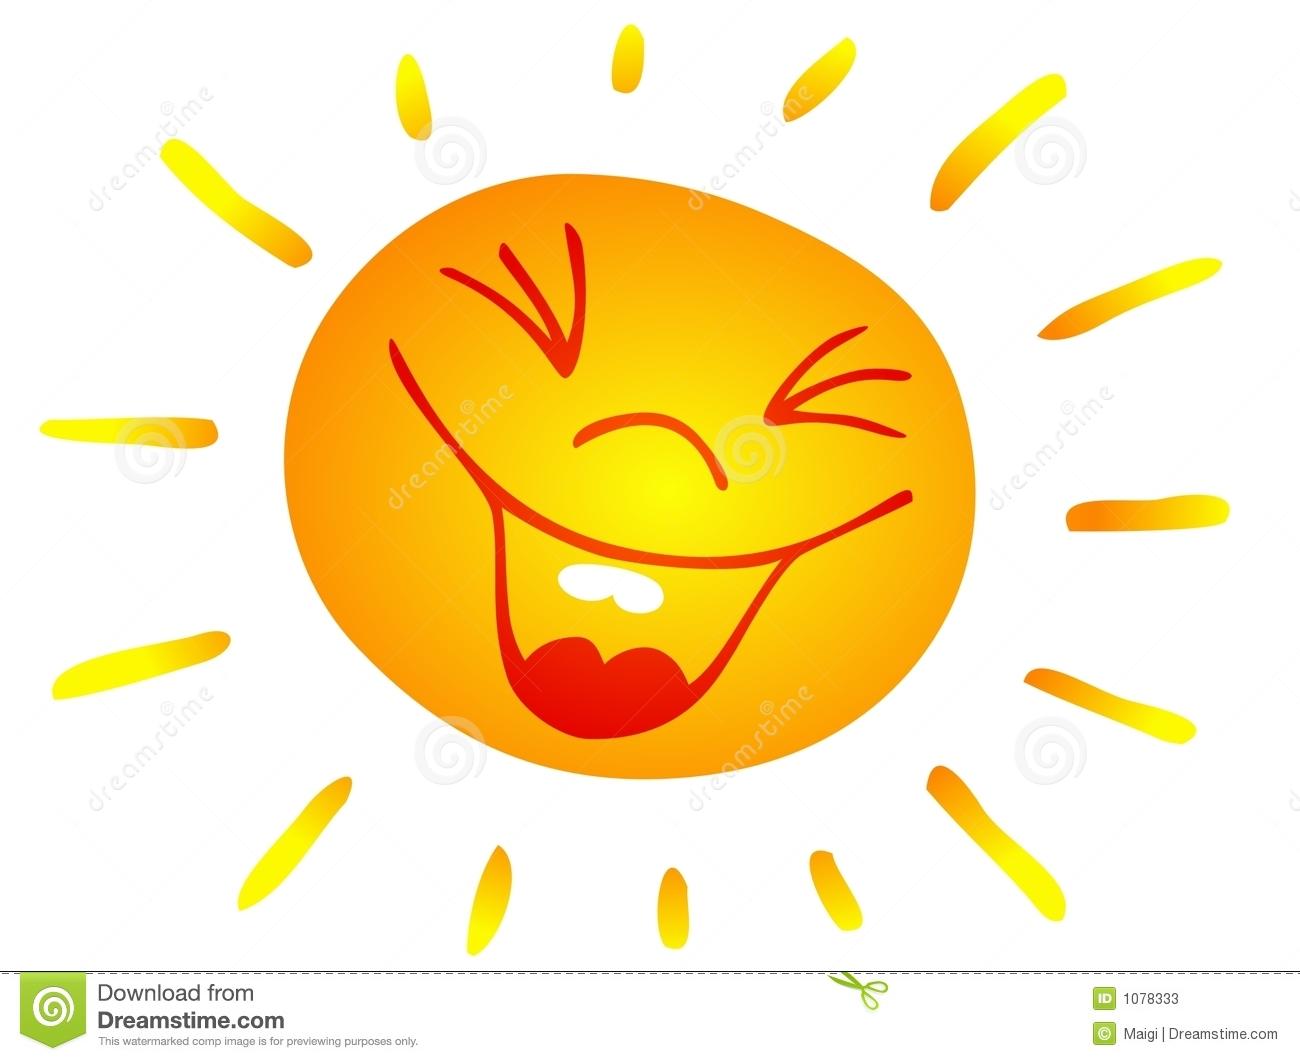 Le soleil clipart clip art transparent Le Soleil De Clipart Stock Illustrations, Vecteurs, & Clipart ... clip art transparent